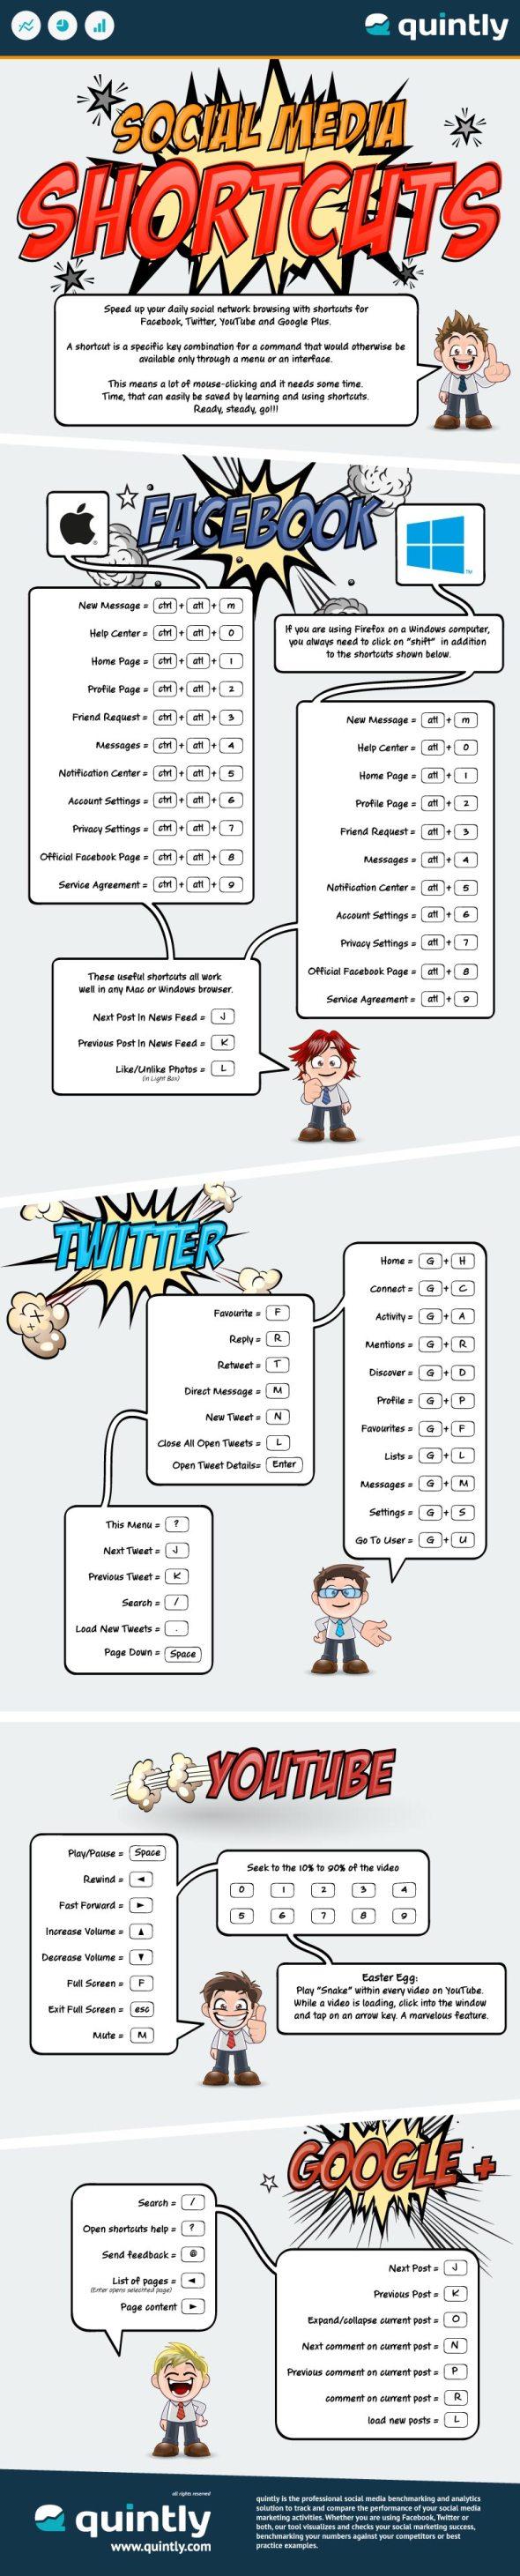 social-media-shortcuts_519e37c2933f9